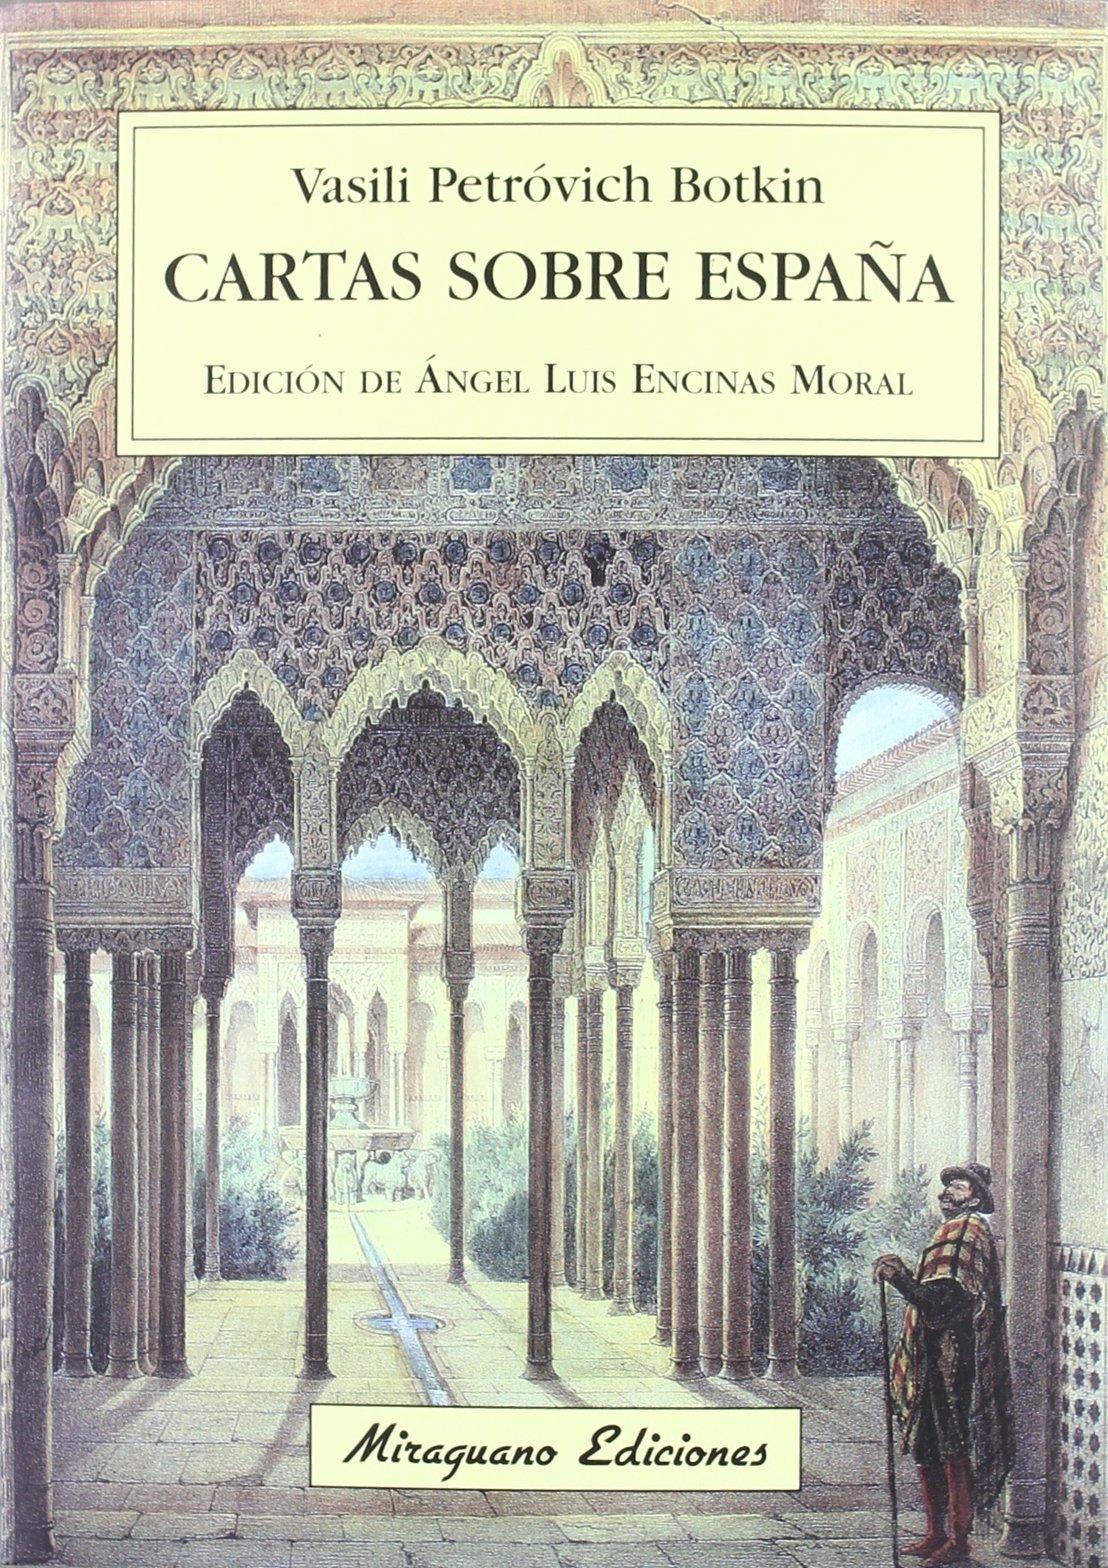 Cartas sobre España (Viajes y Costumbres): Amazon.es: Petróvich Botkin, Vasili, Encinas Moral, Ángel Luis: Libros